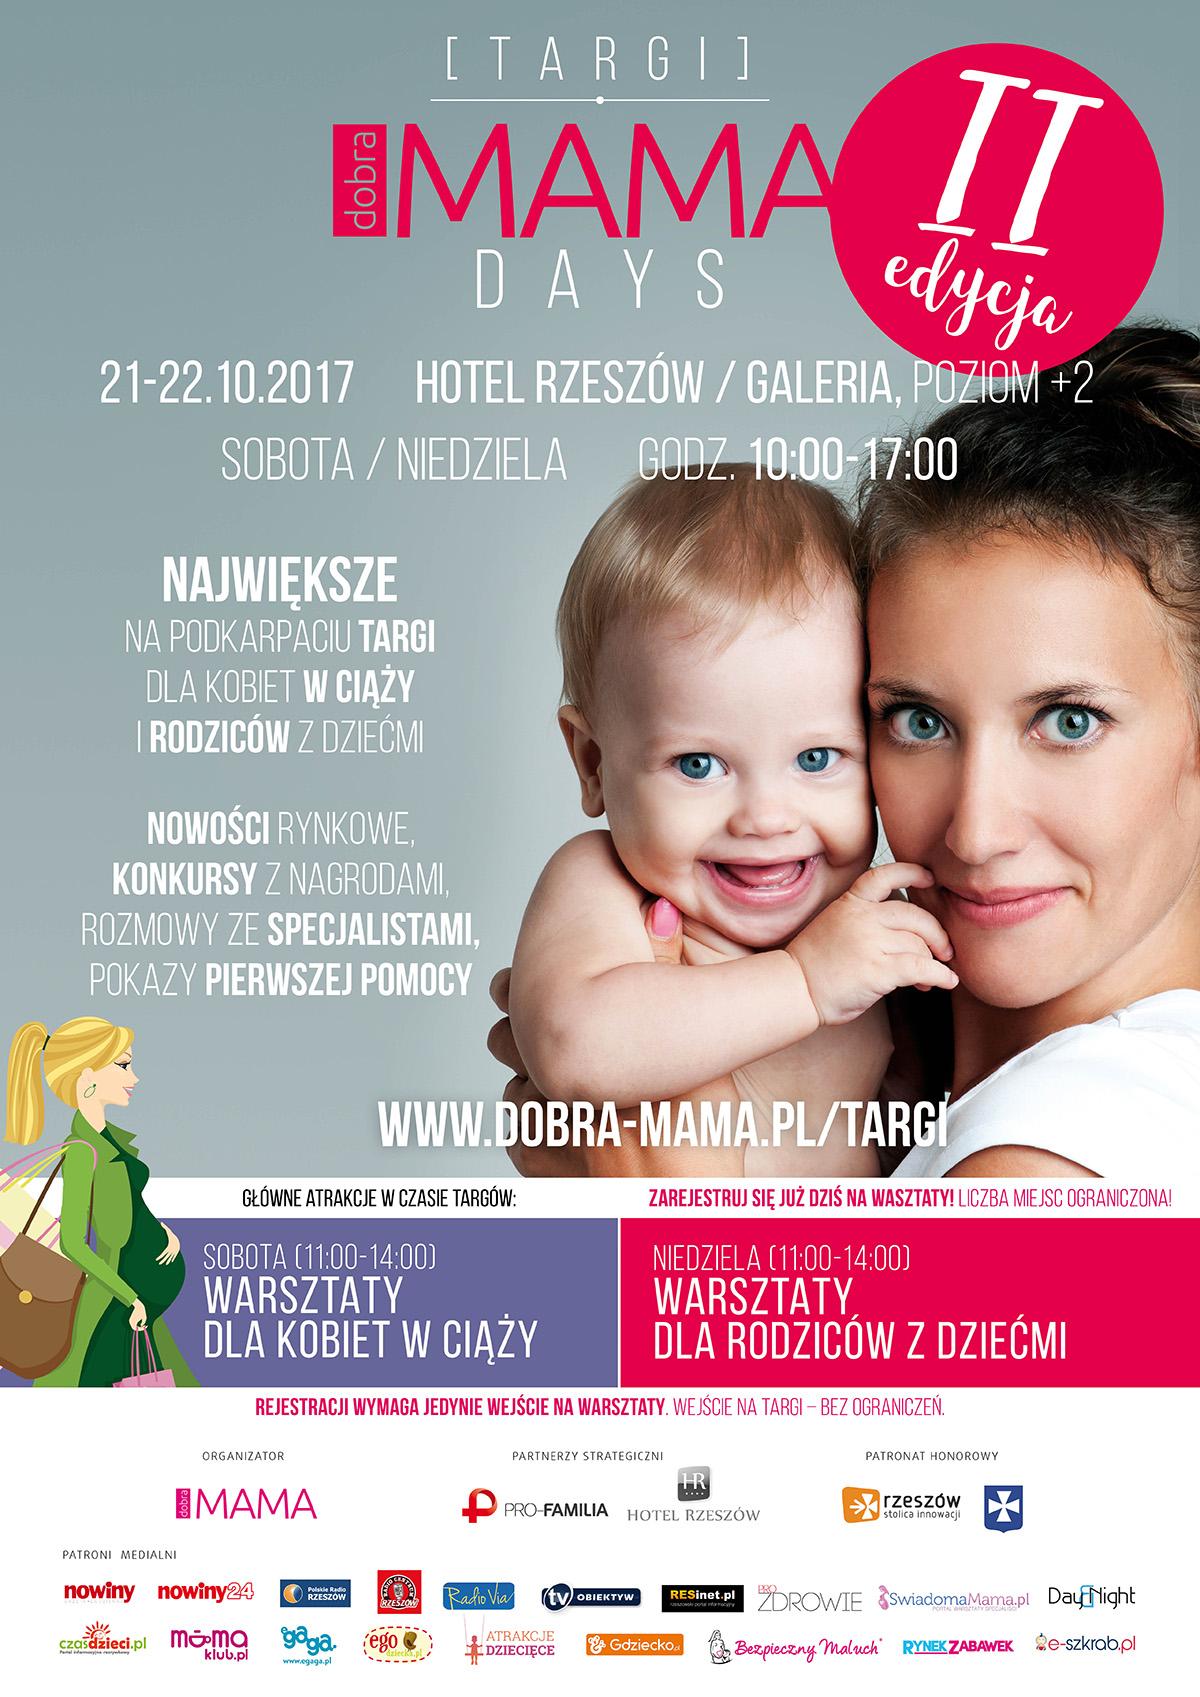 plakat targi dobra mama days II edycja Rzeszów